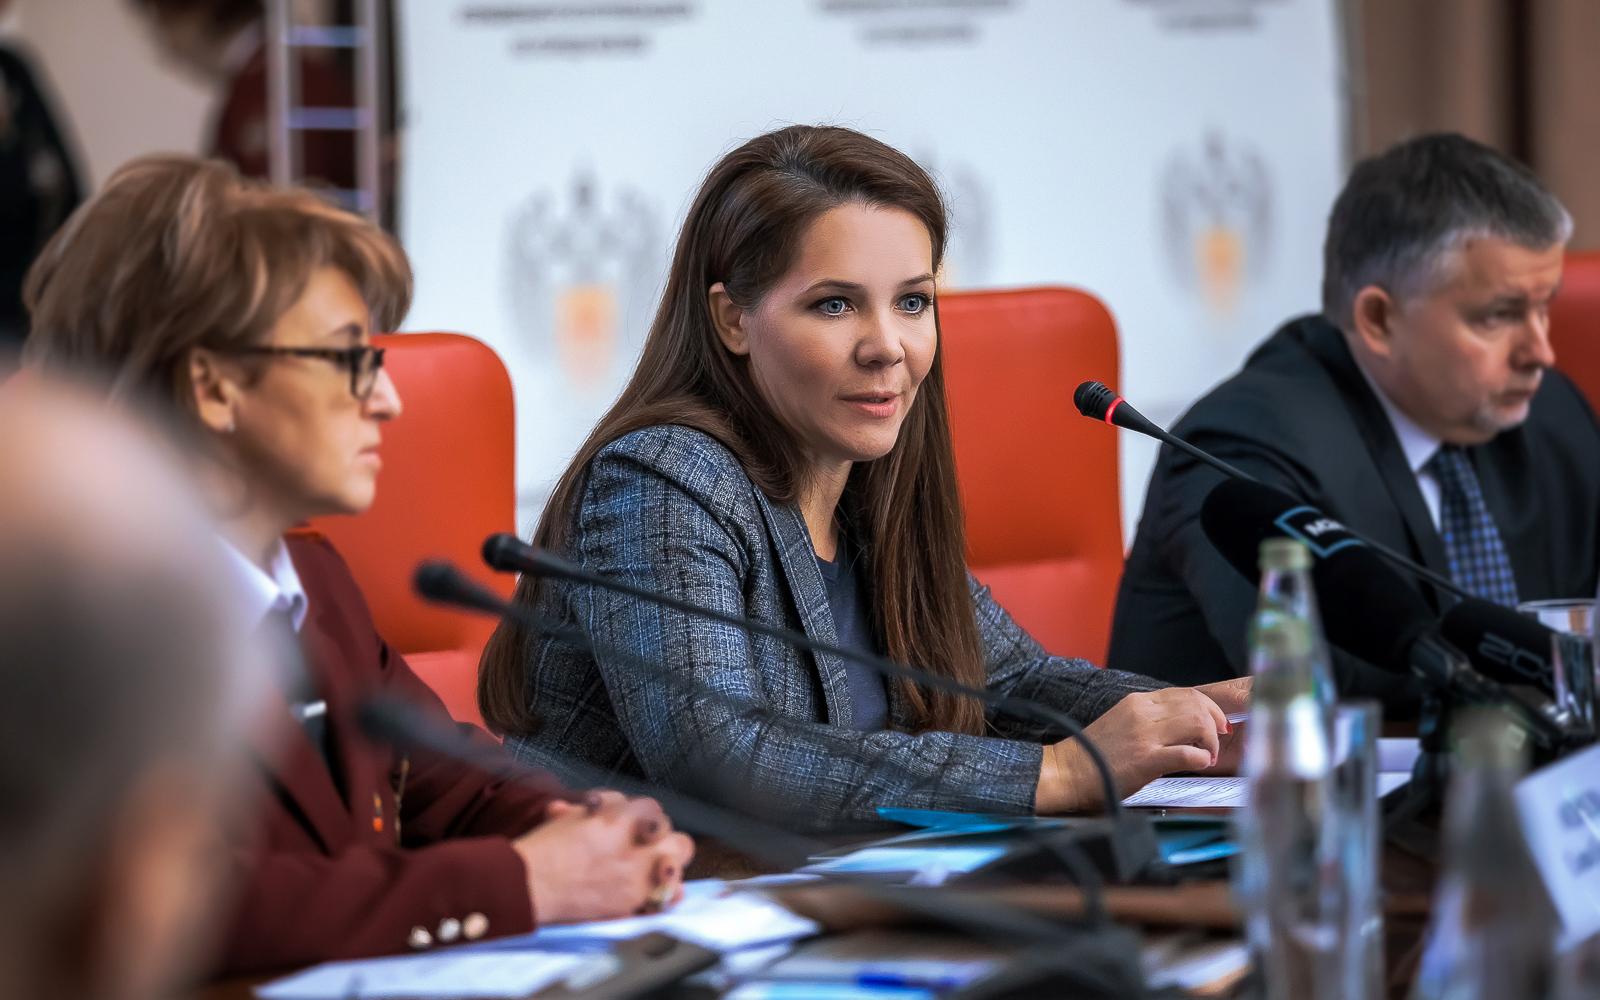 В предпрофессиональных классах учатся более 45 тыс. московских школьников – Анастасия Ракова